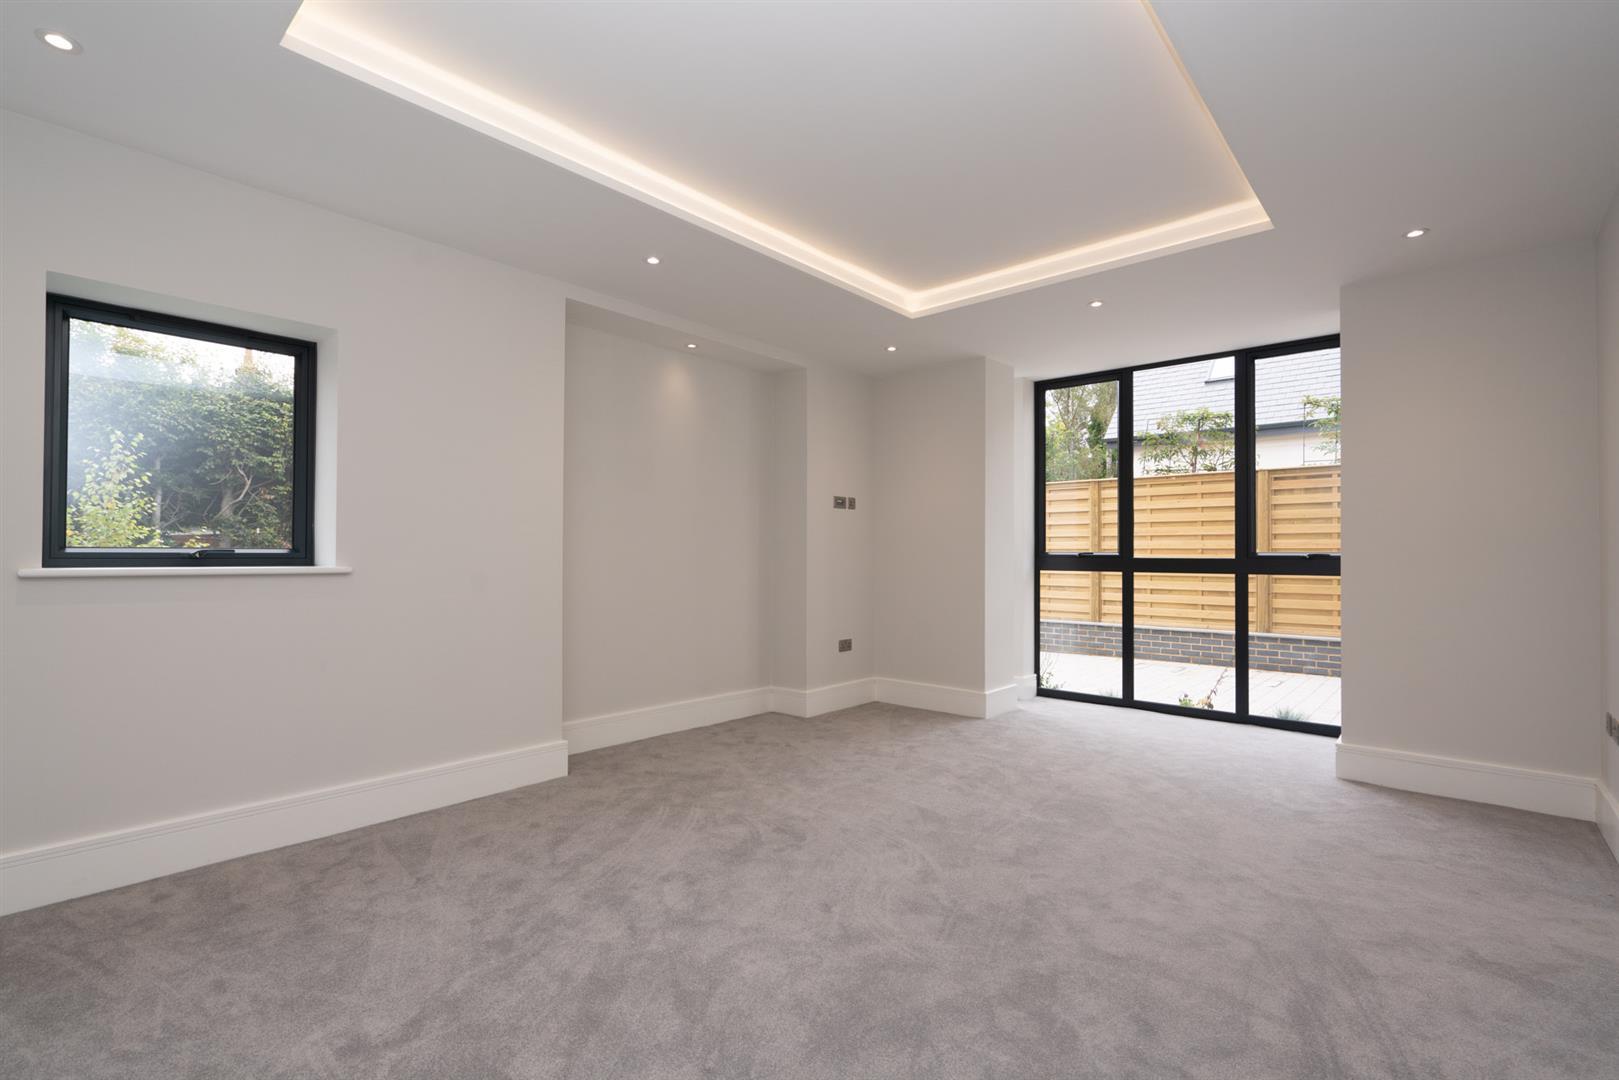 Hillcrest-3128 - living room 2.jpg